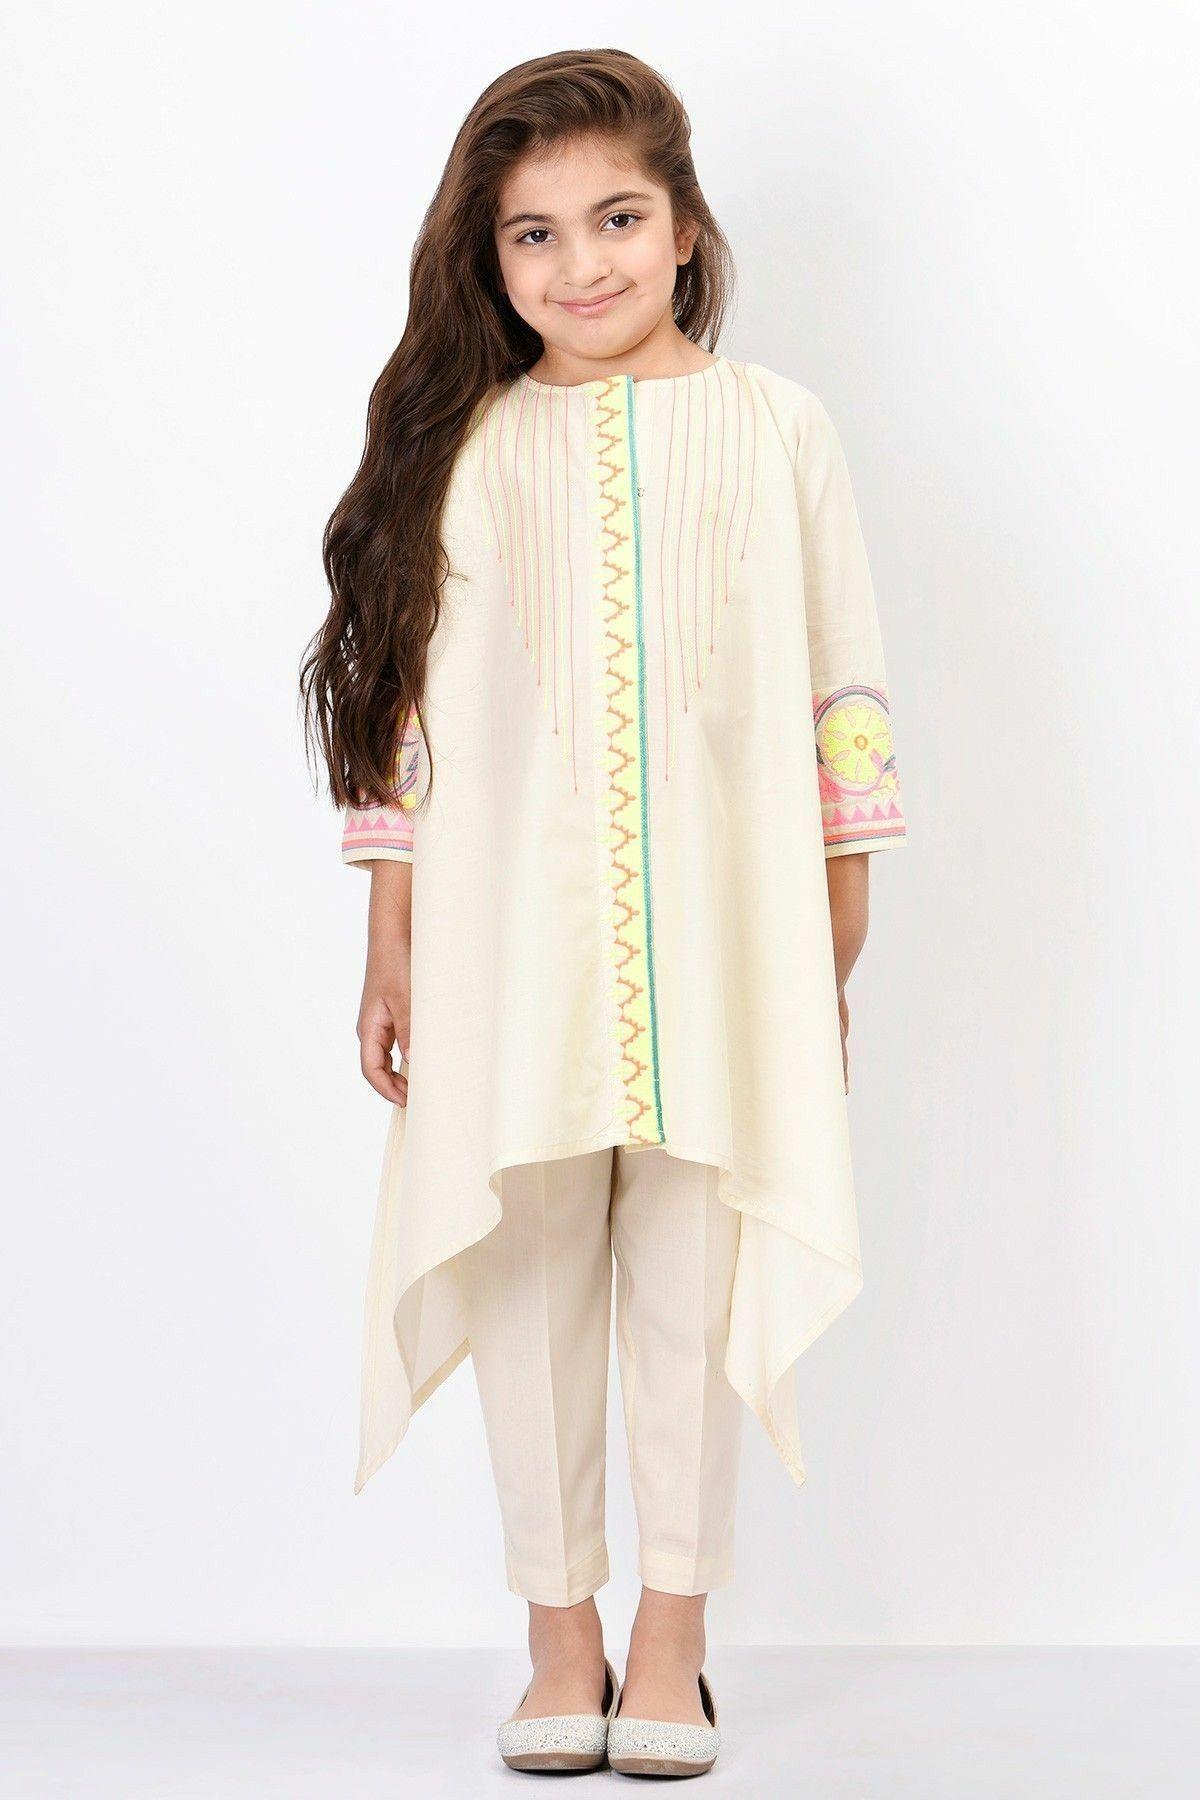 Pin von Insiyah Wadia auf kids clothes | Pinterest